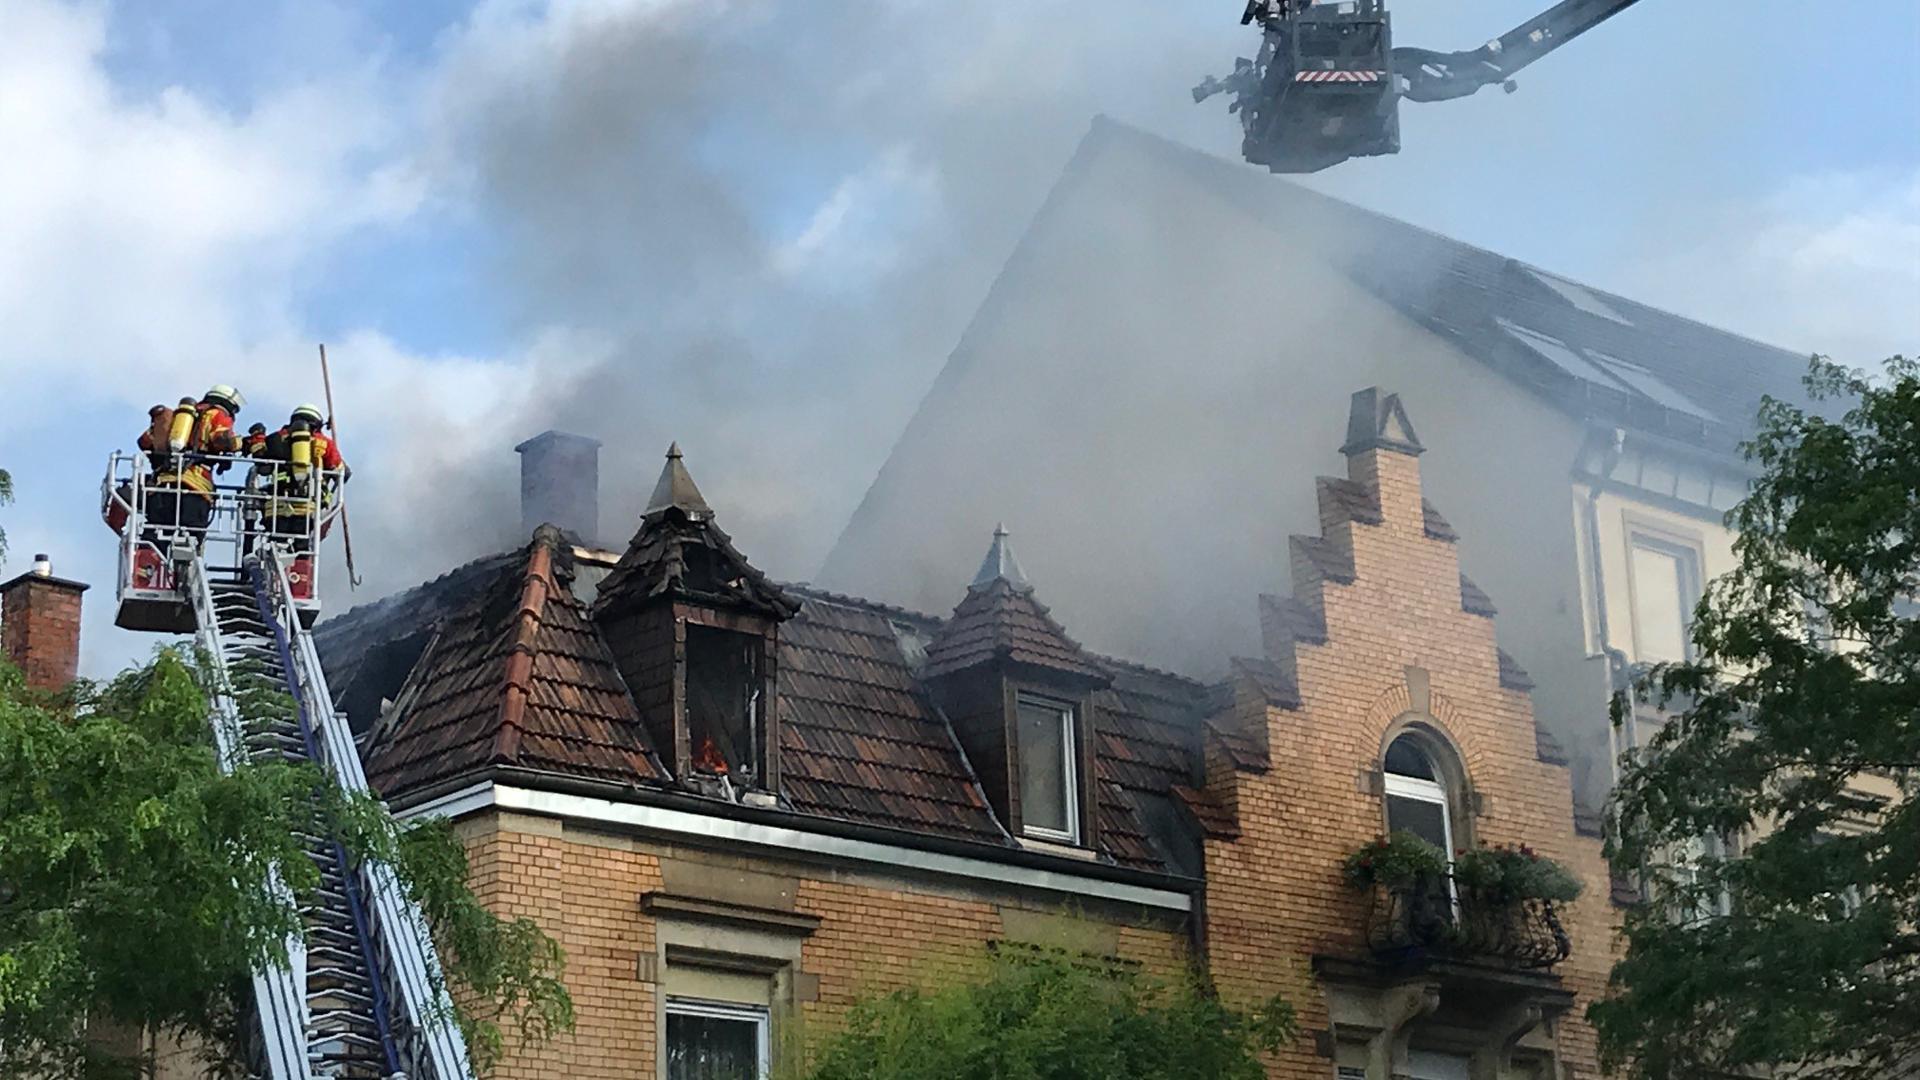 Die Brandbekämpfung fand mittels Drehleiter statt.